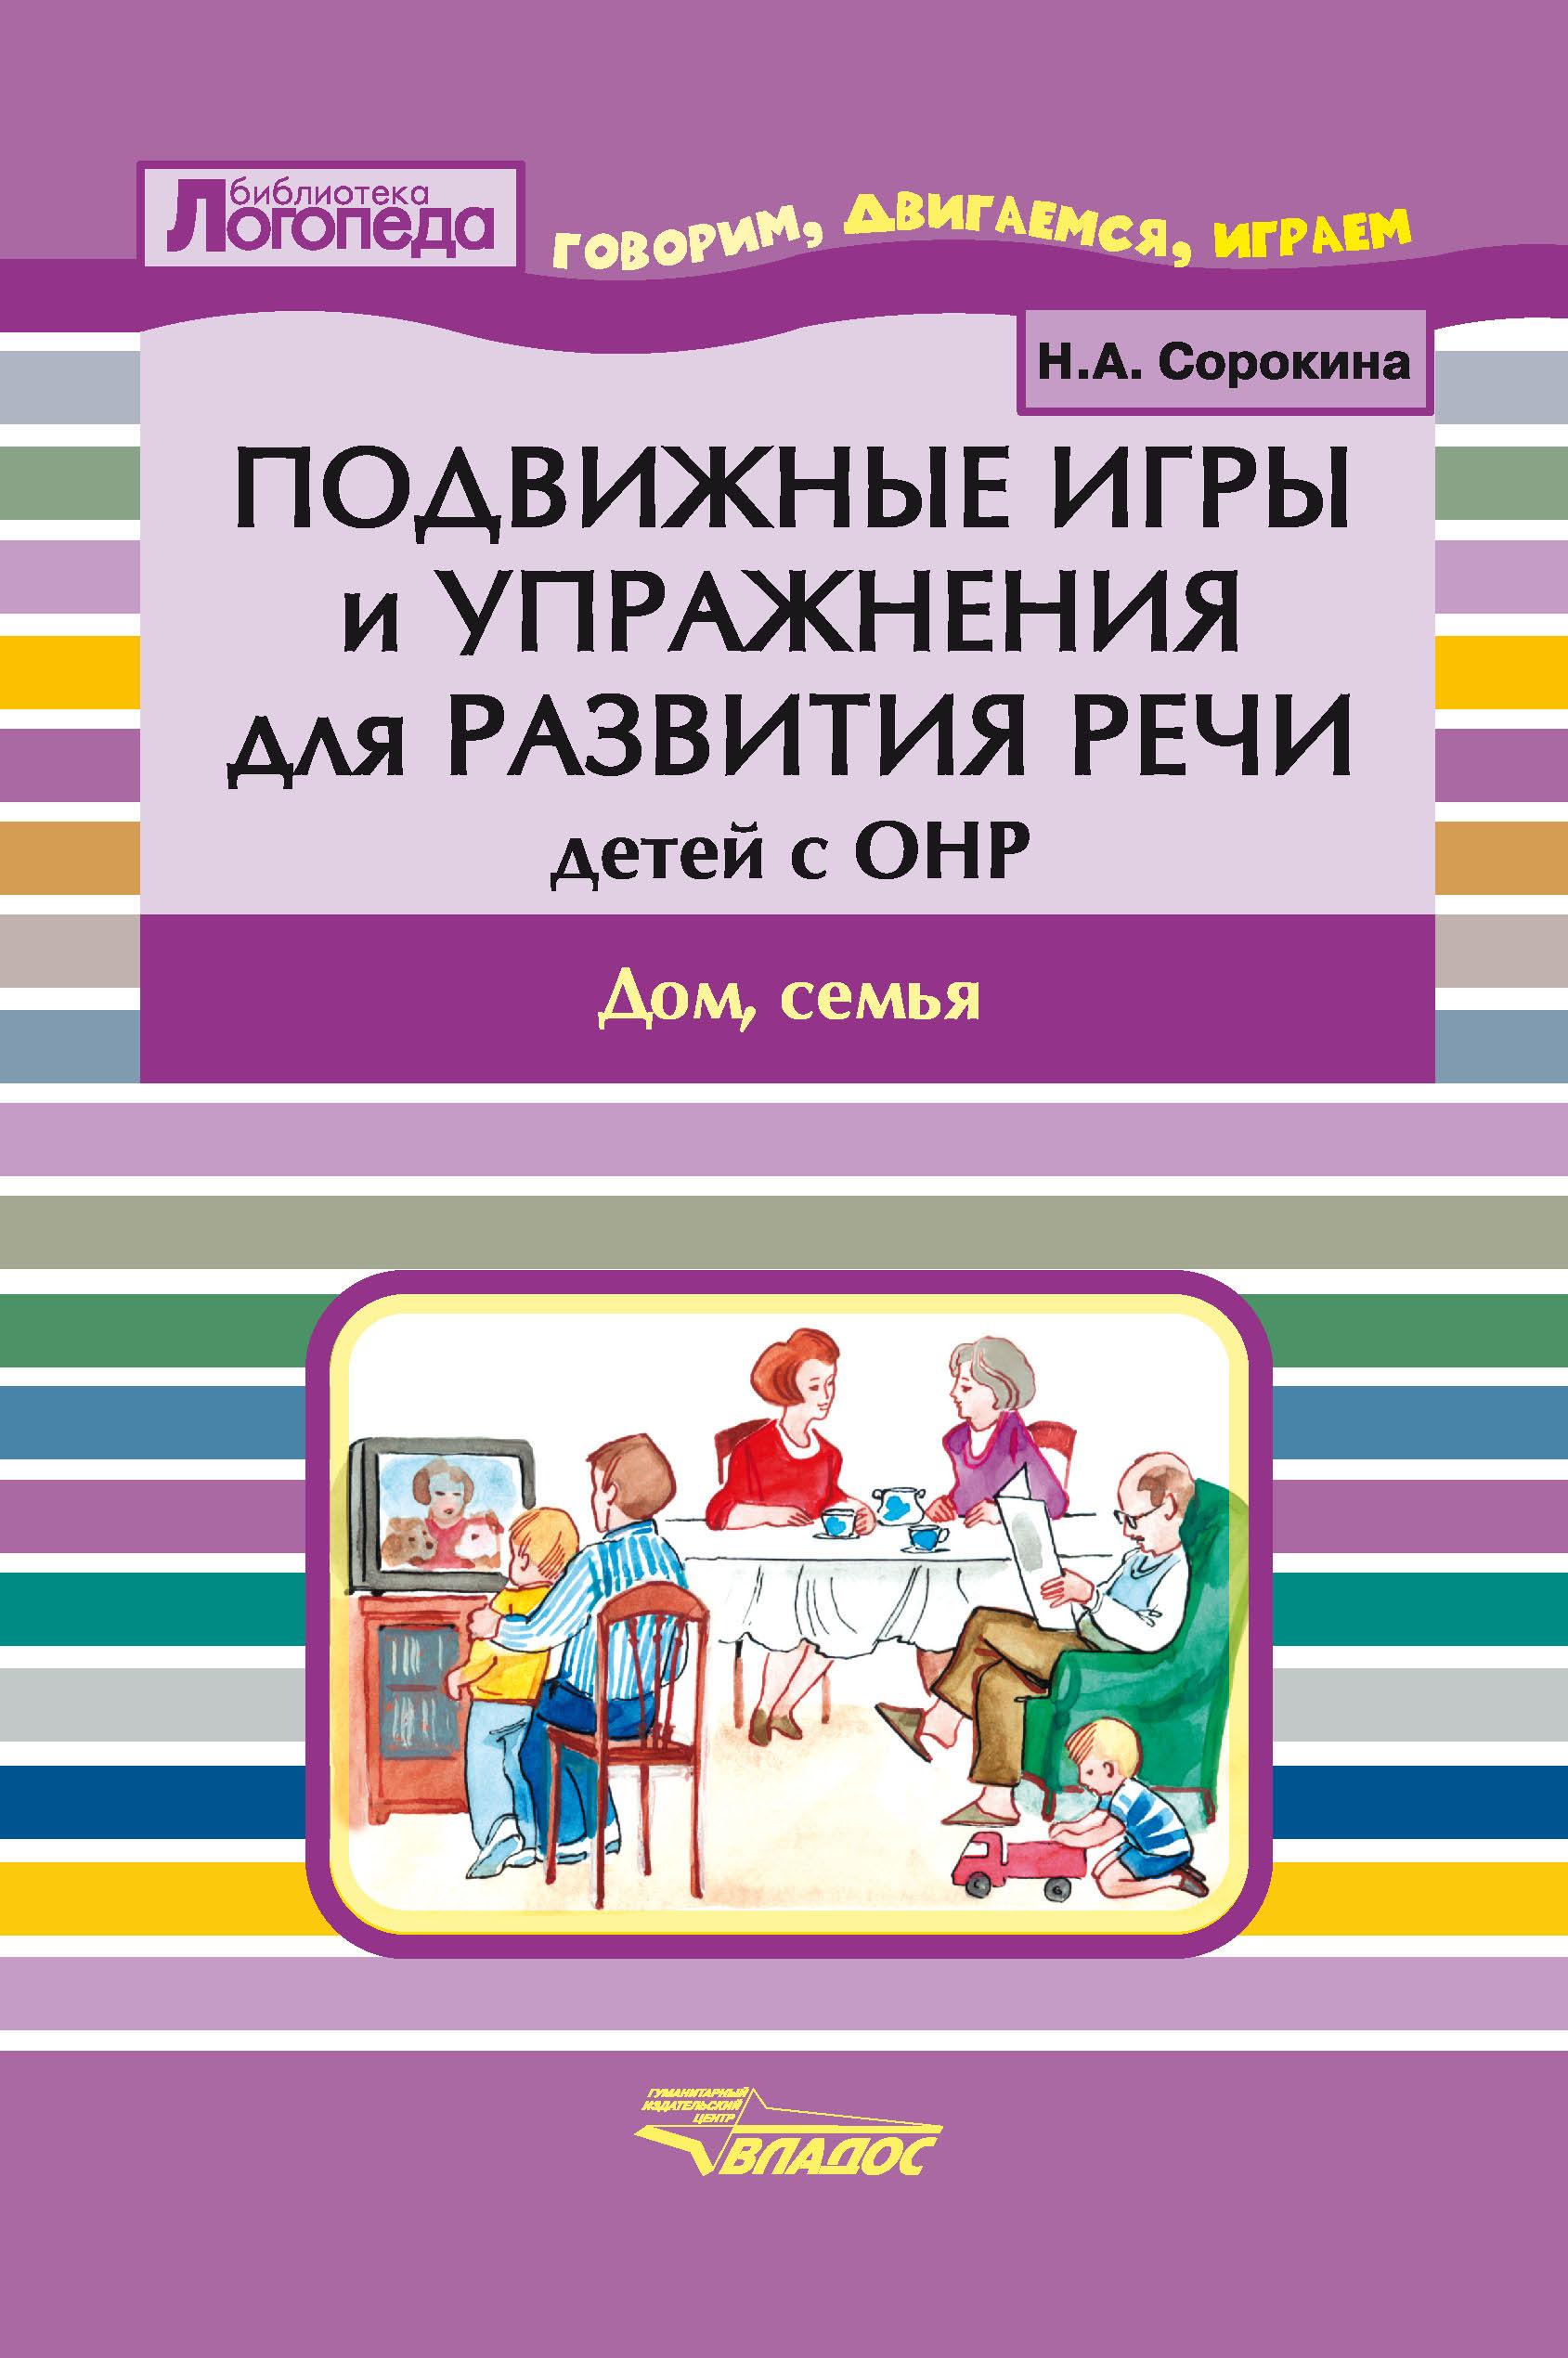 Н. А. Сорокина Подвижные игры и упражнения для развития речи детей с ОНР. Дом, семья